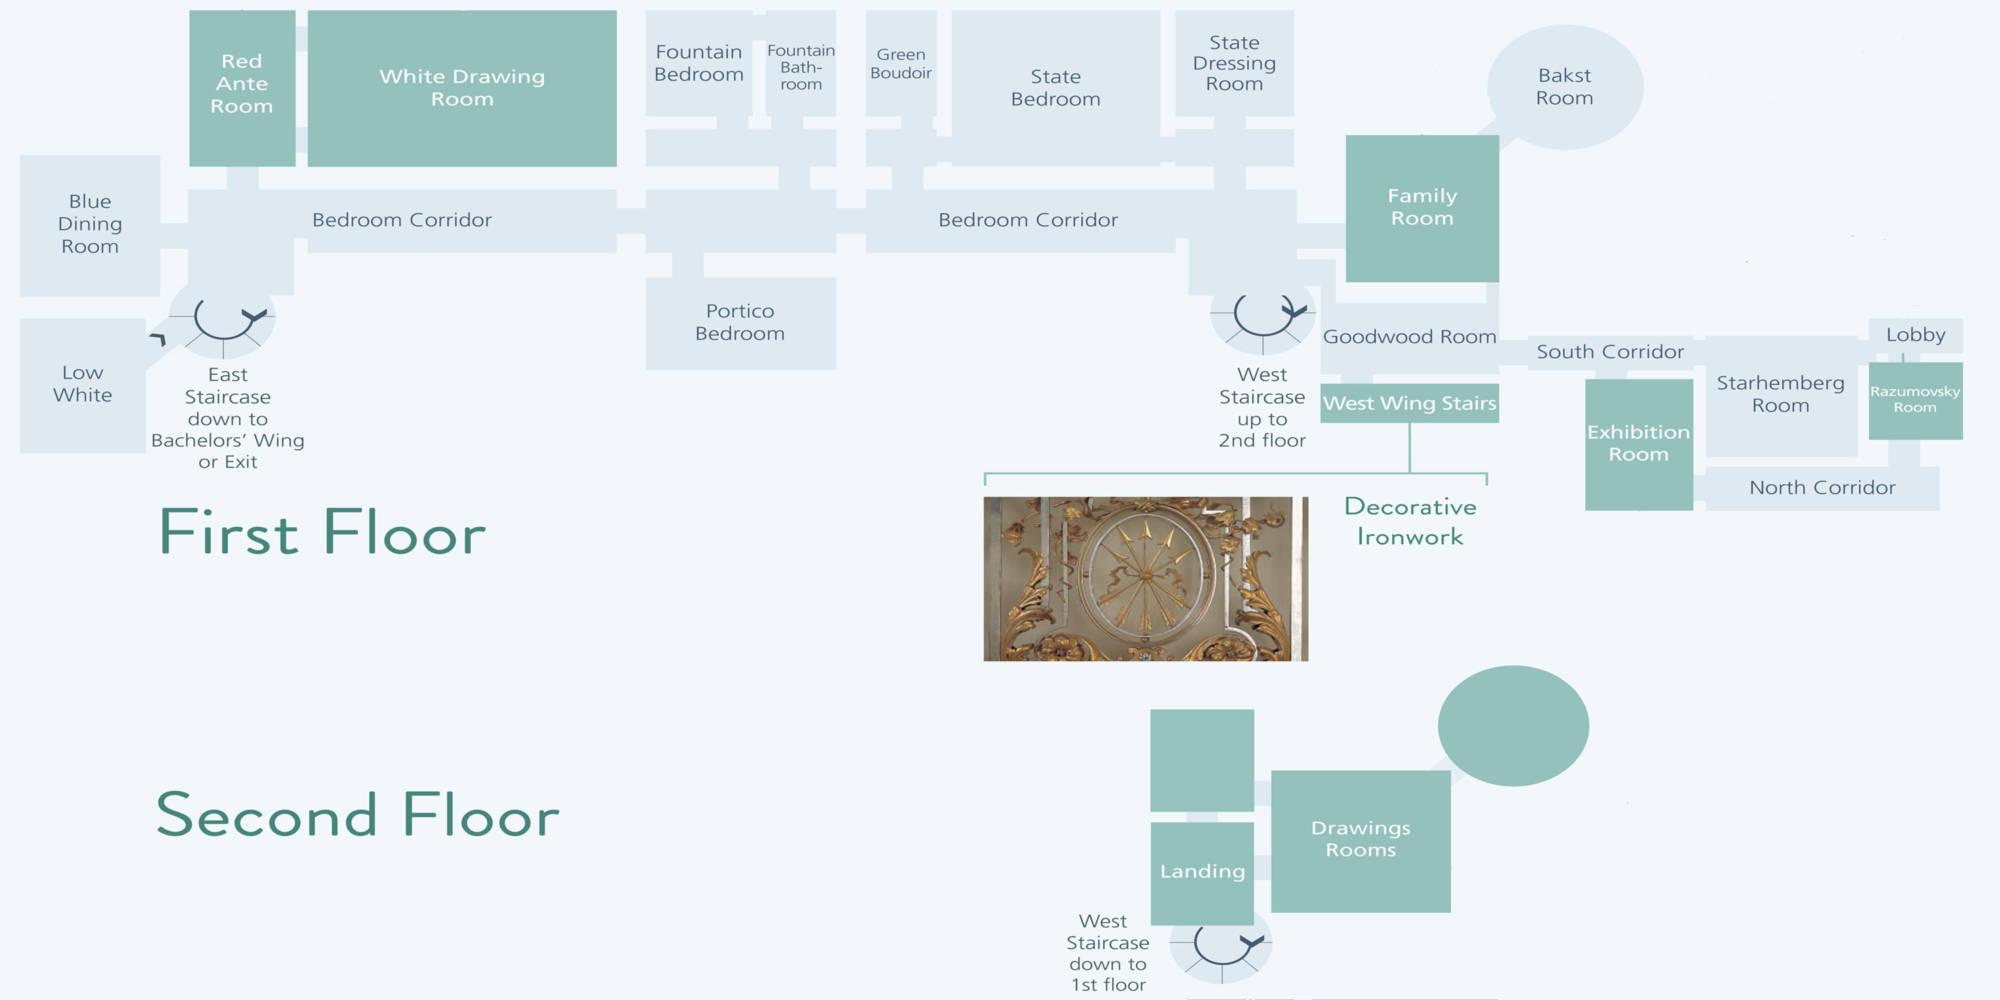 floorplans waddesdon manor garden walks amp maps waddesdon manor